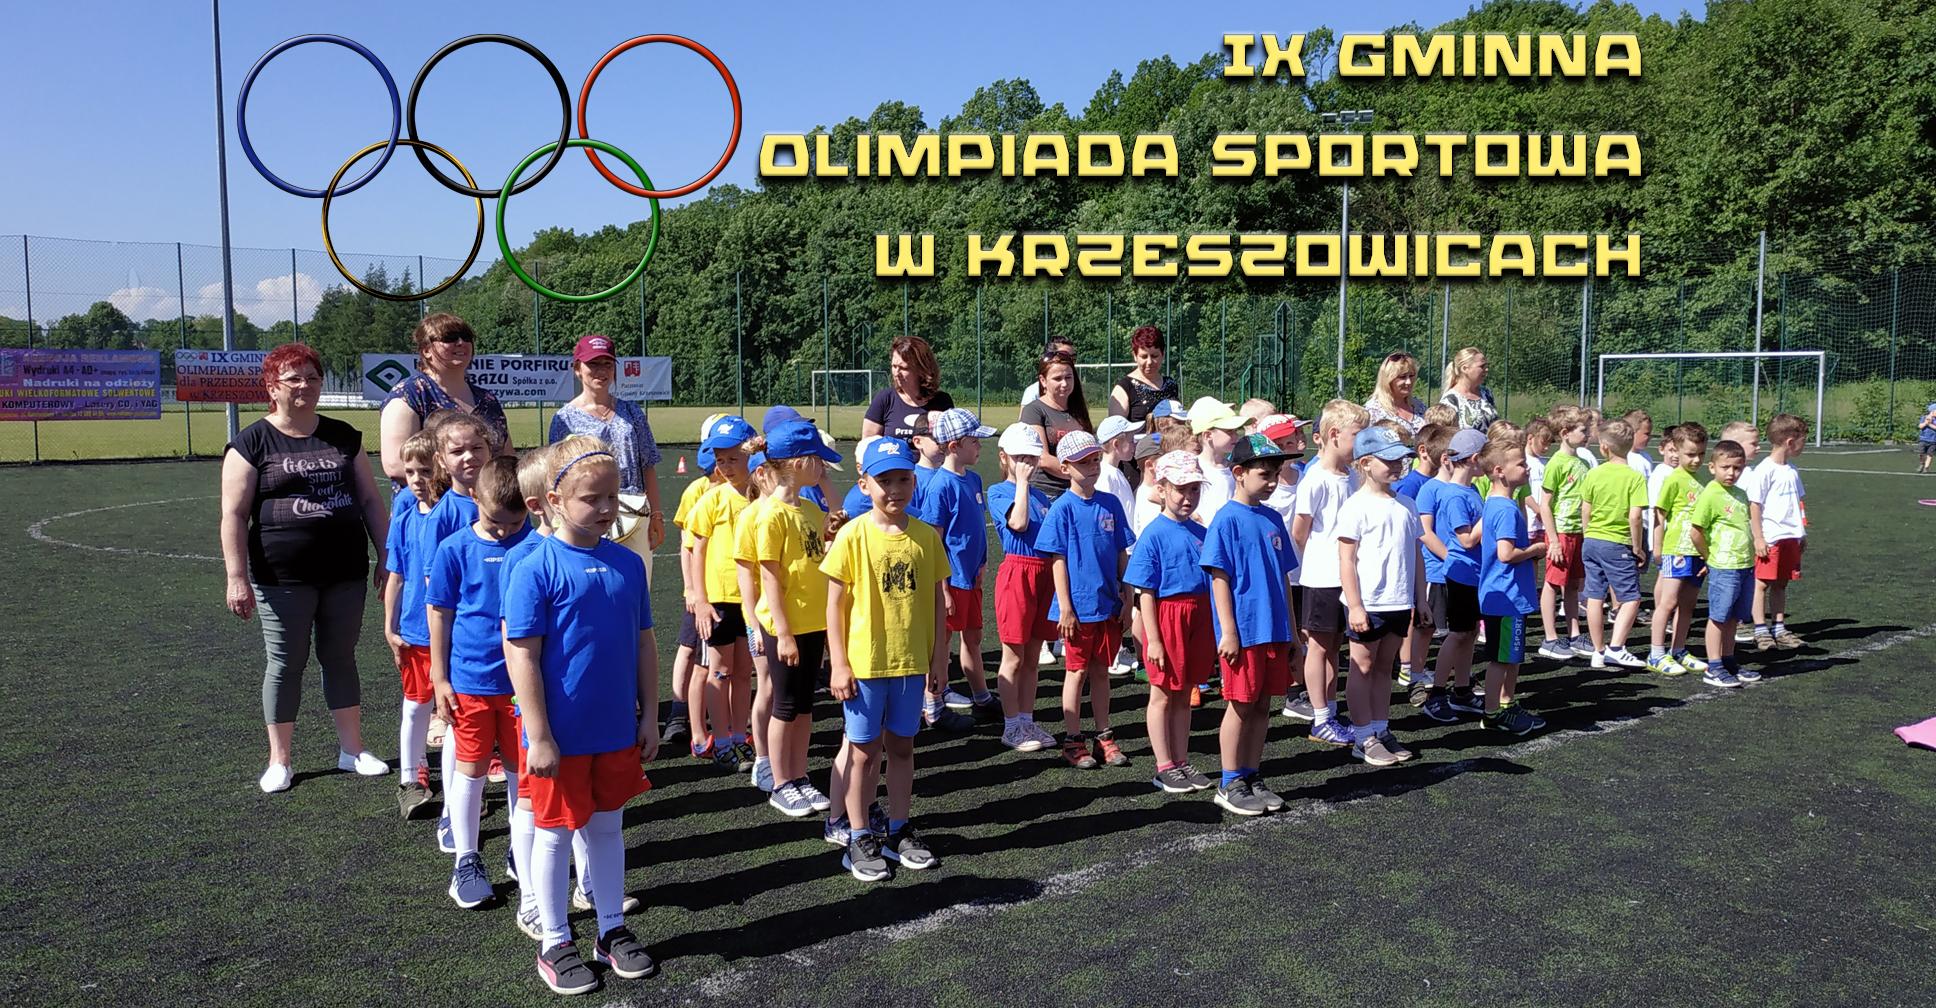 IX Gminna Olimpiada Sportowa w Krzeszowicach